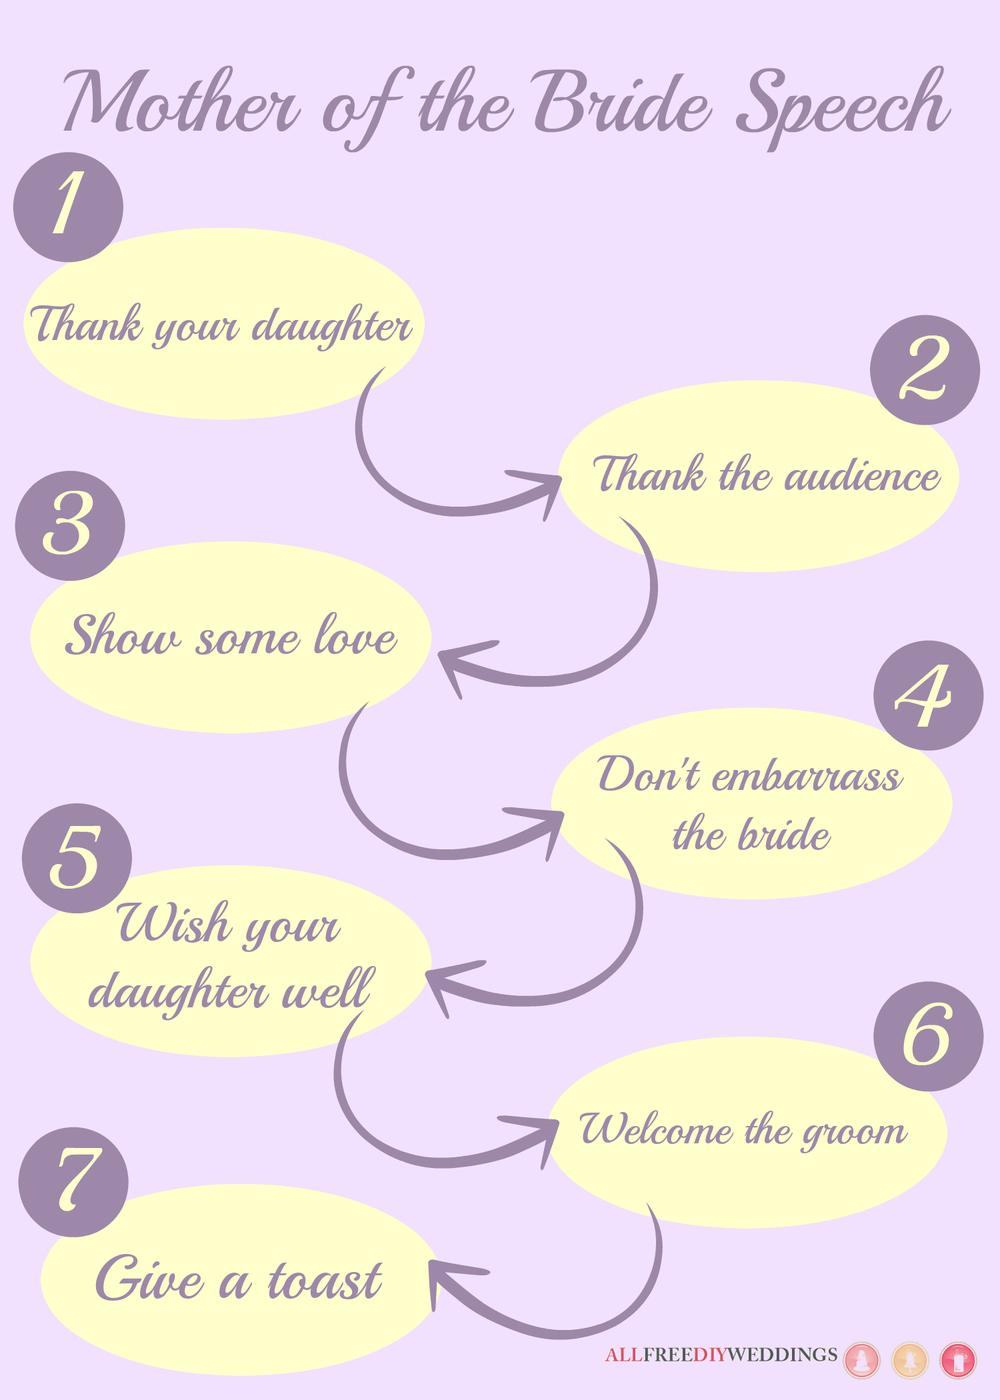 Mother of the Bride Speech: How to Write a Wedding Speech ...